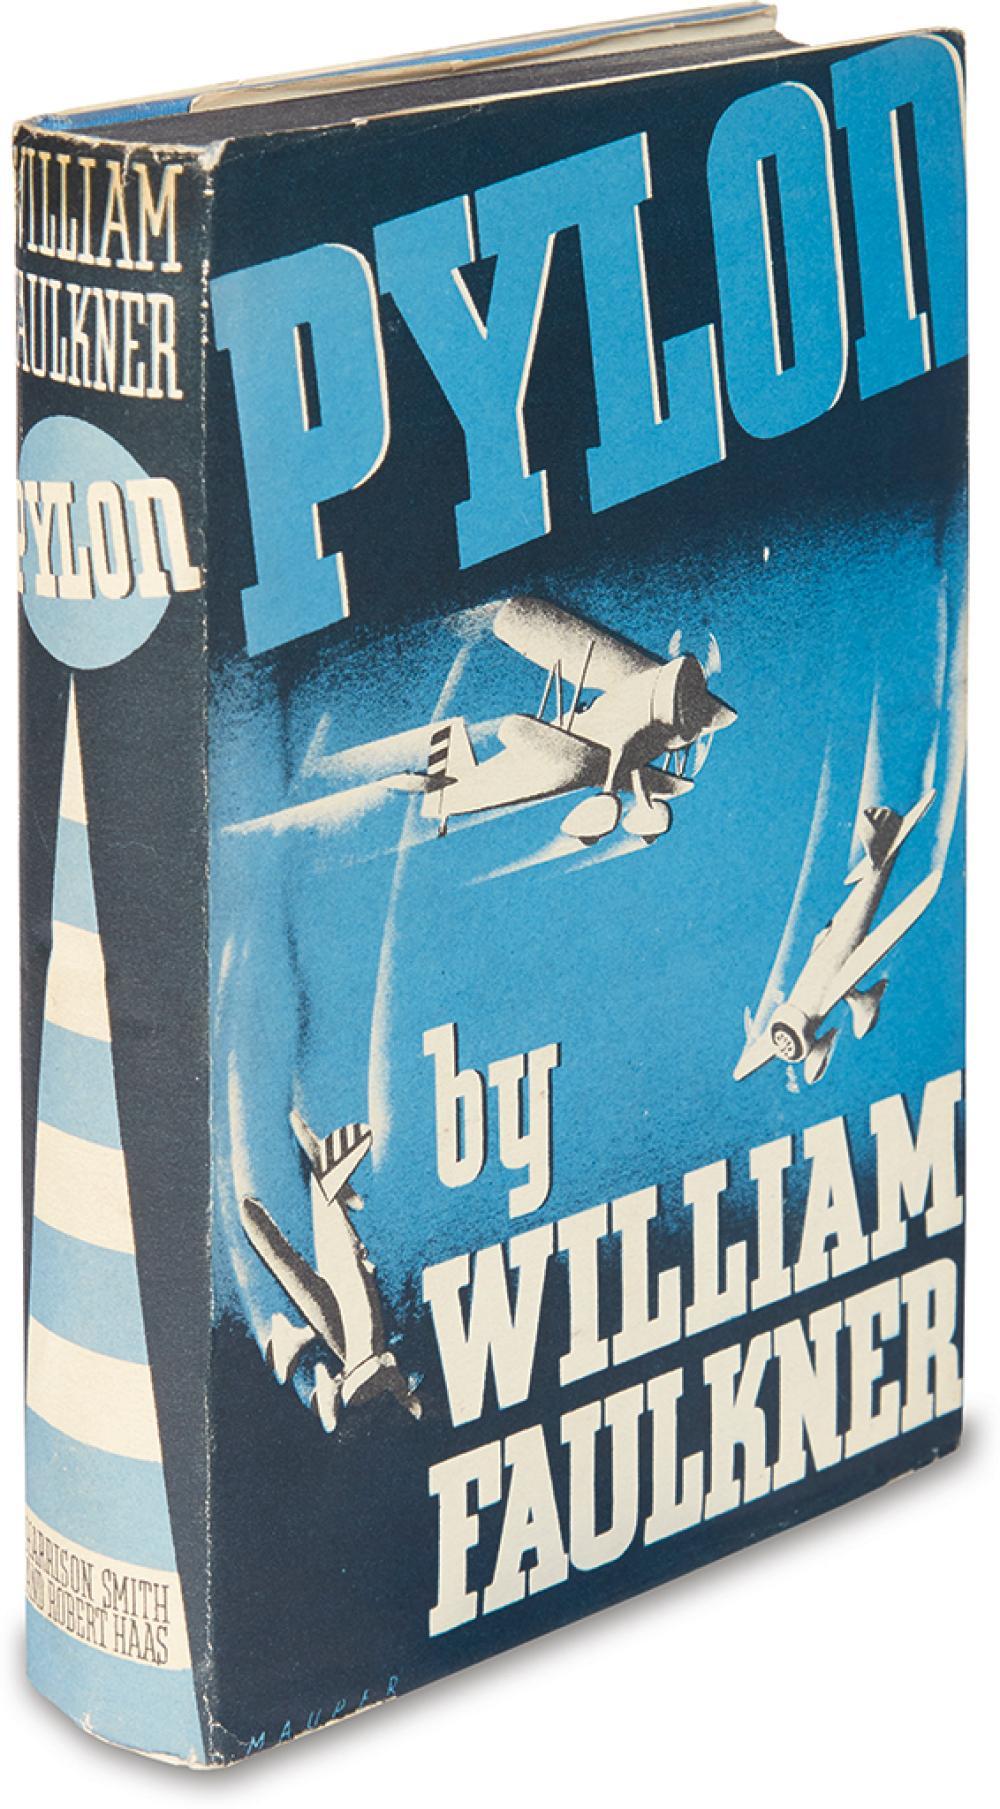 FAULKNER, WILLIAM. Pylon.